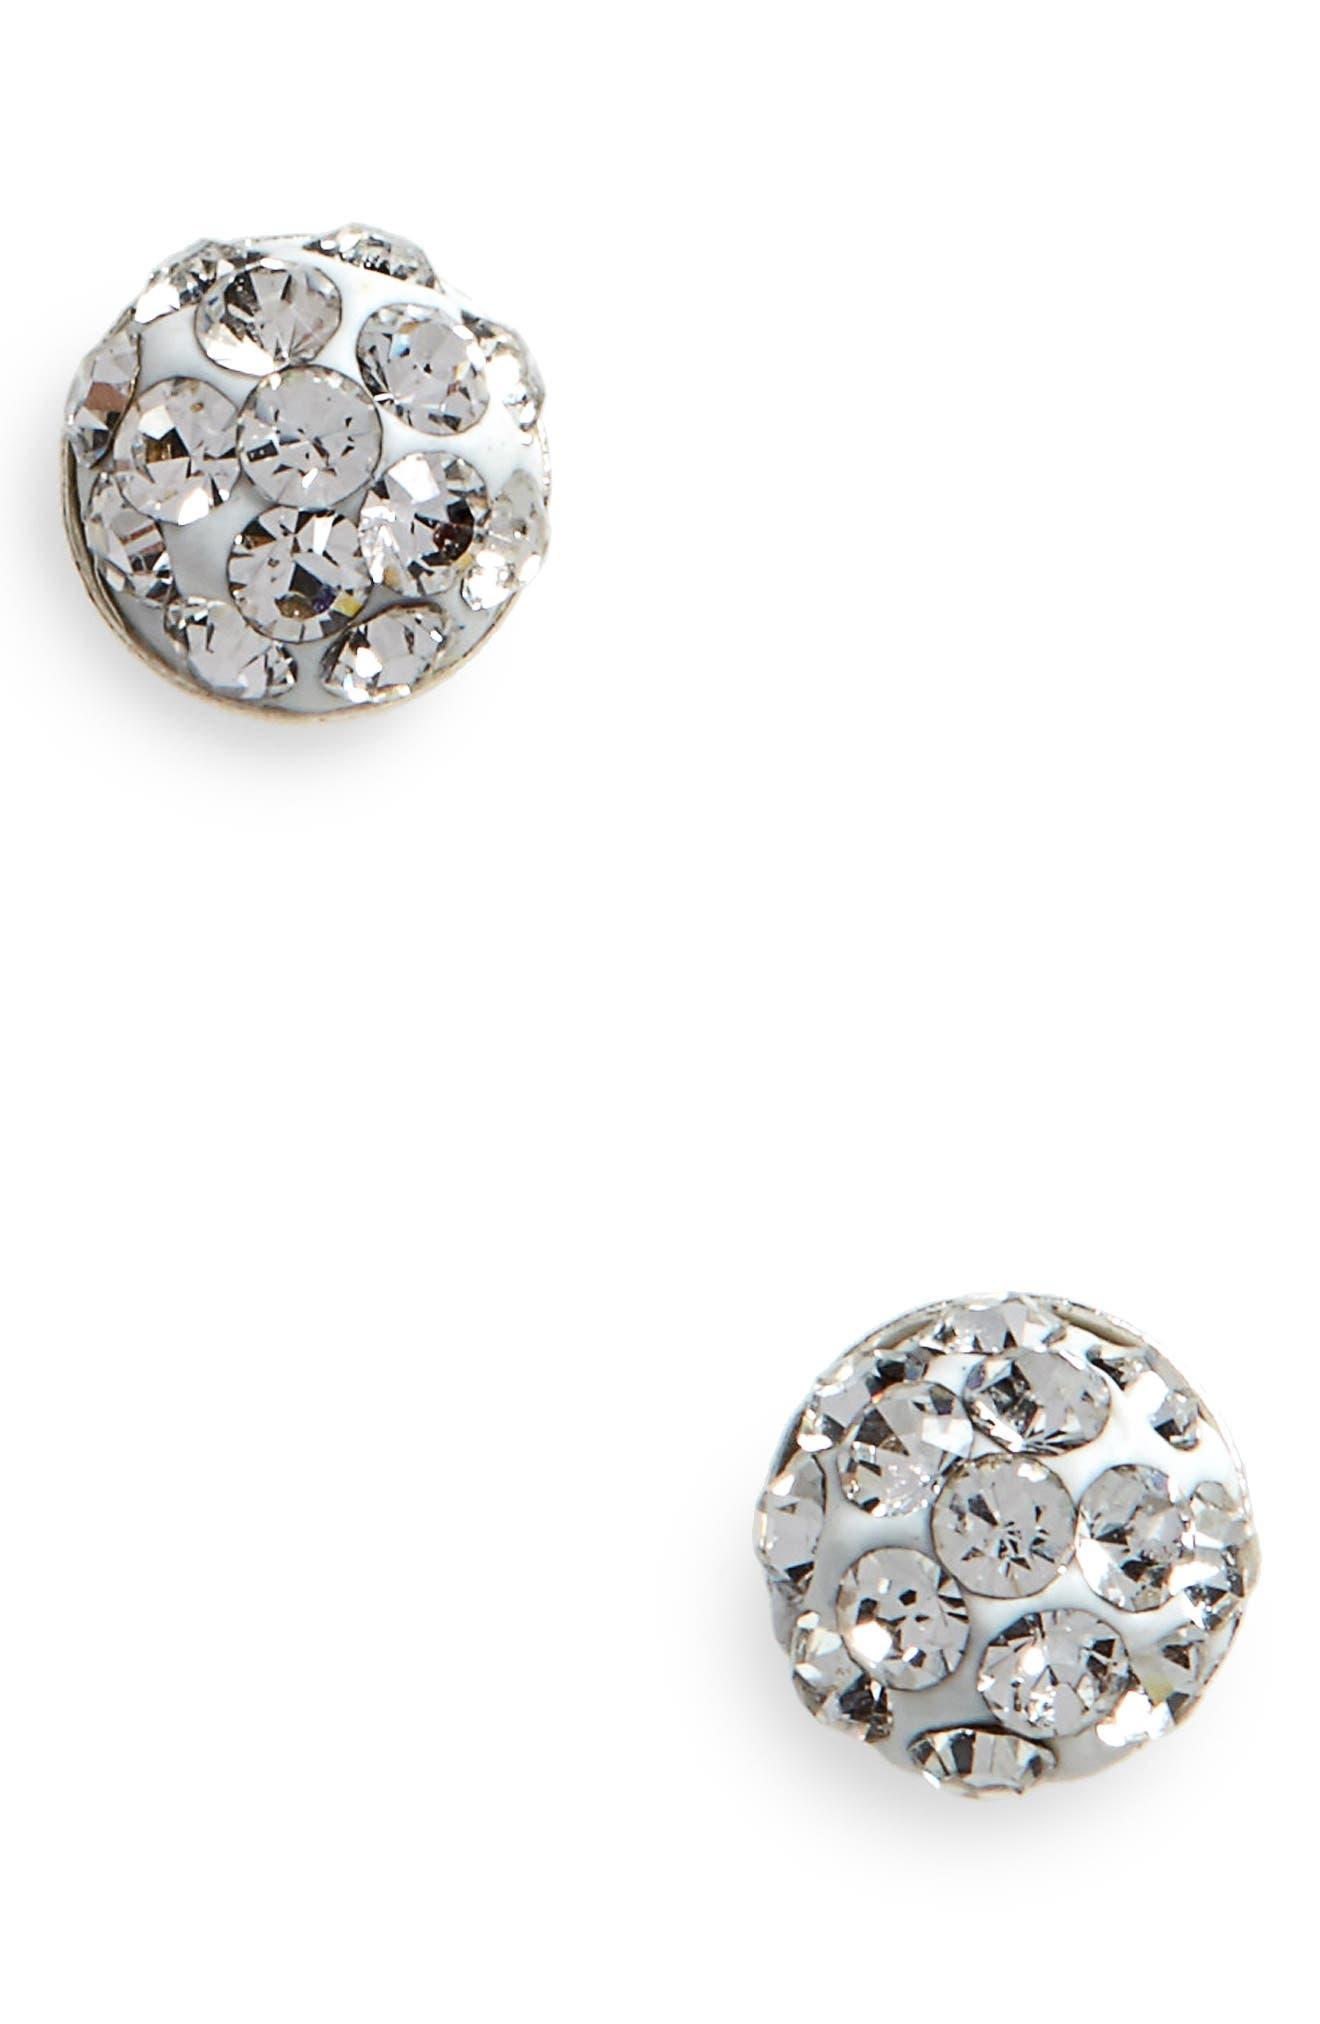 Main Image - Tomas Crystal & Sterling Silver Stud Earrings (Girls)